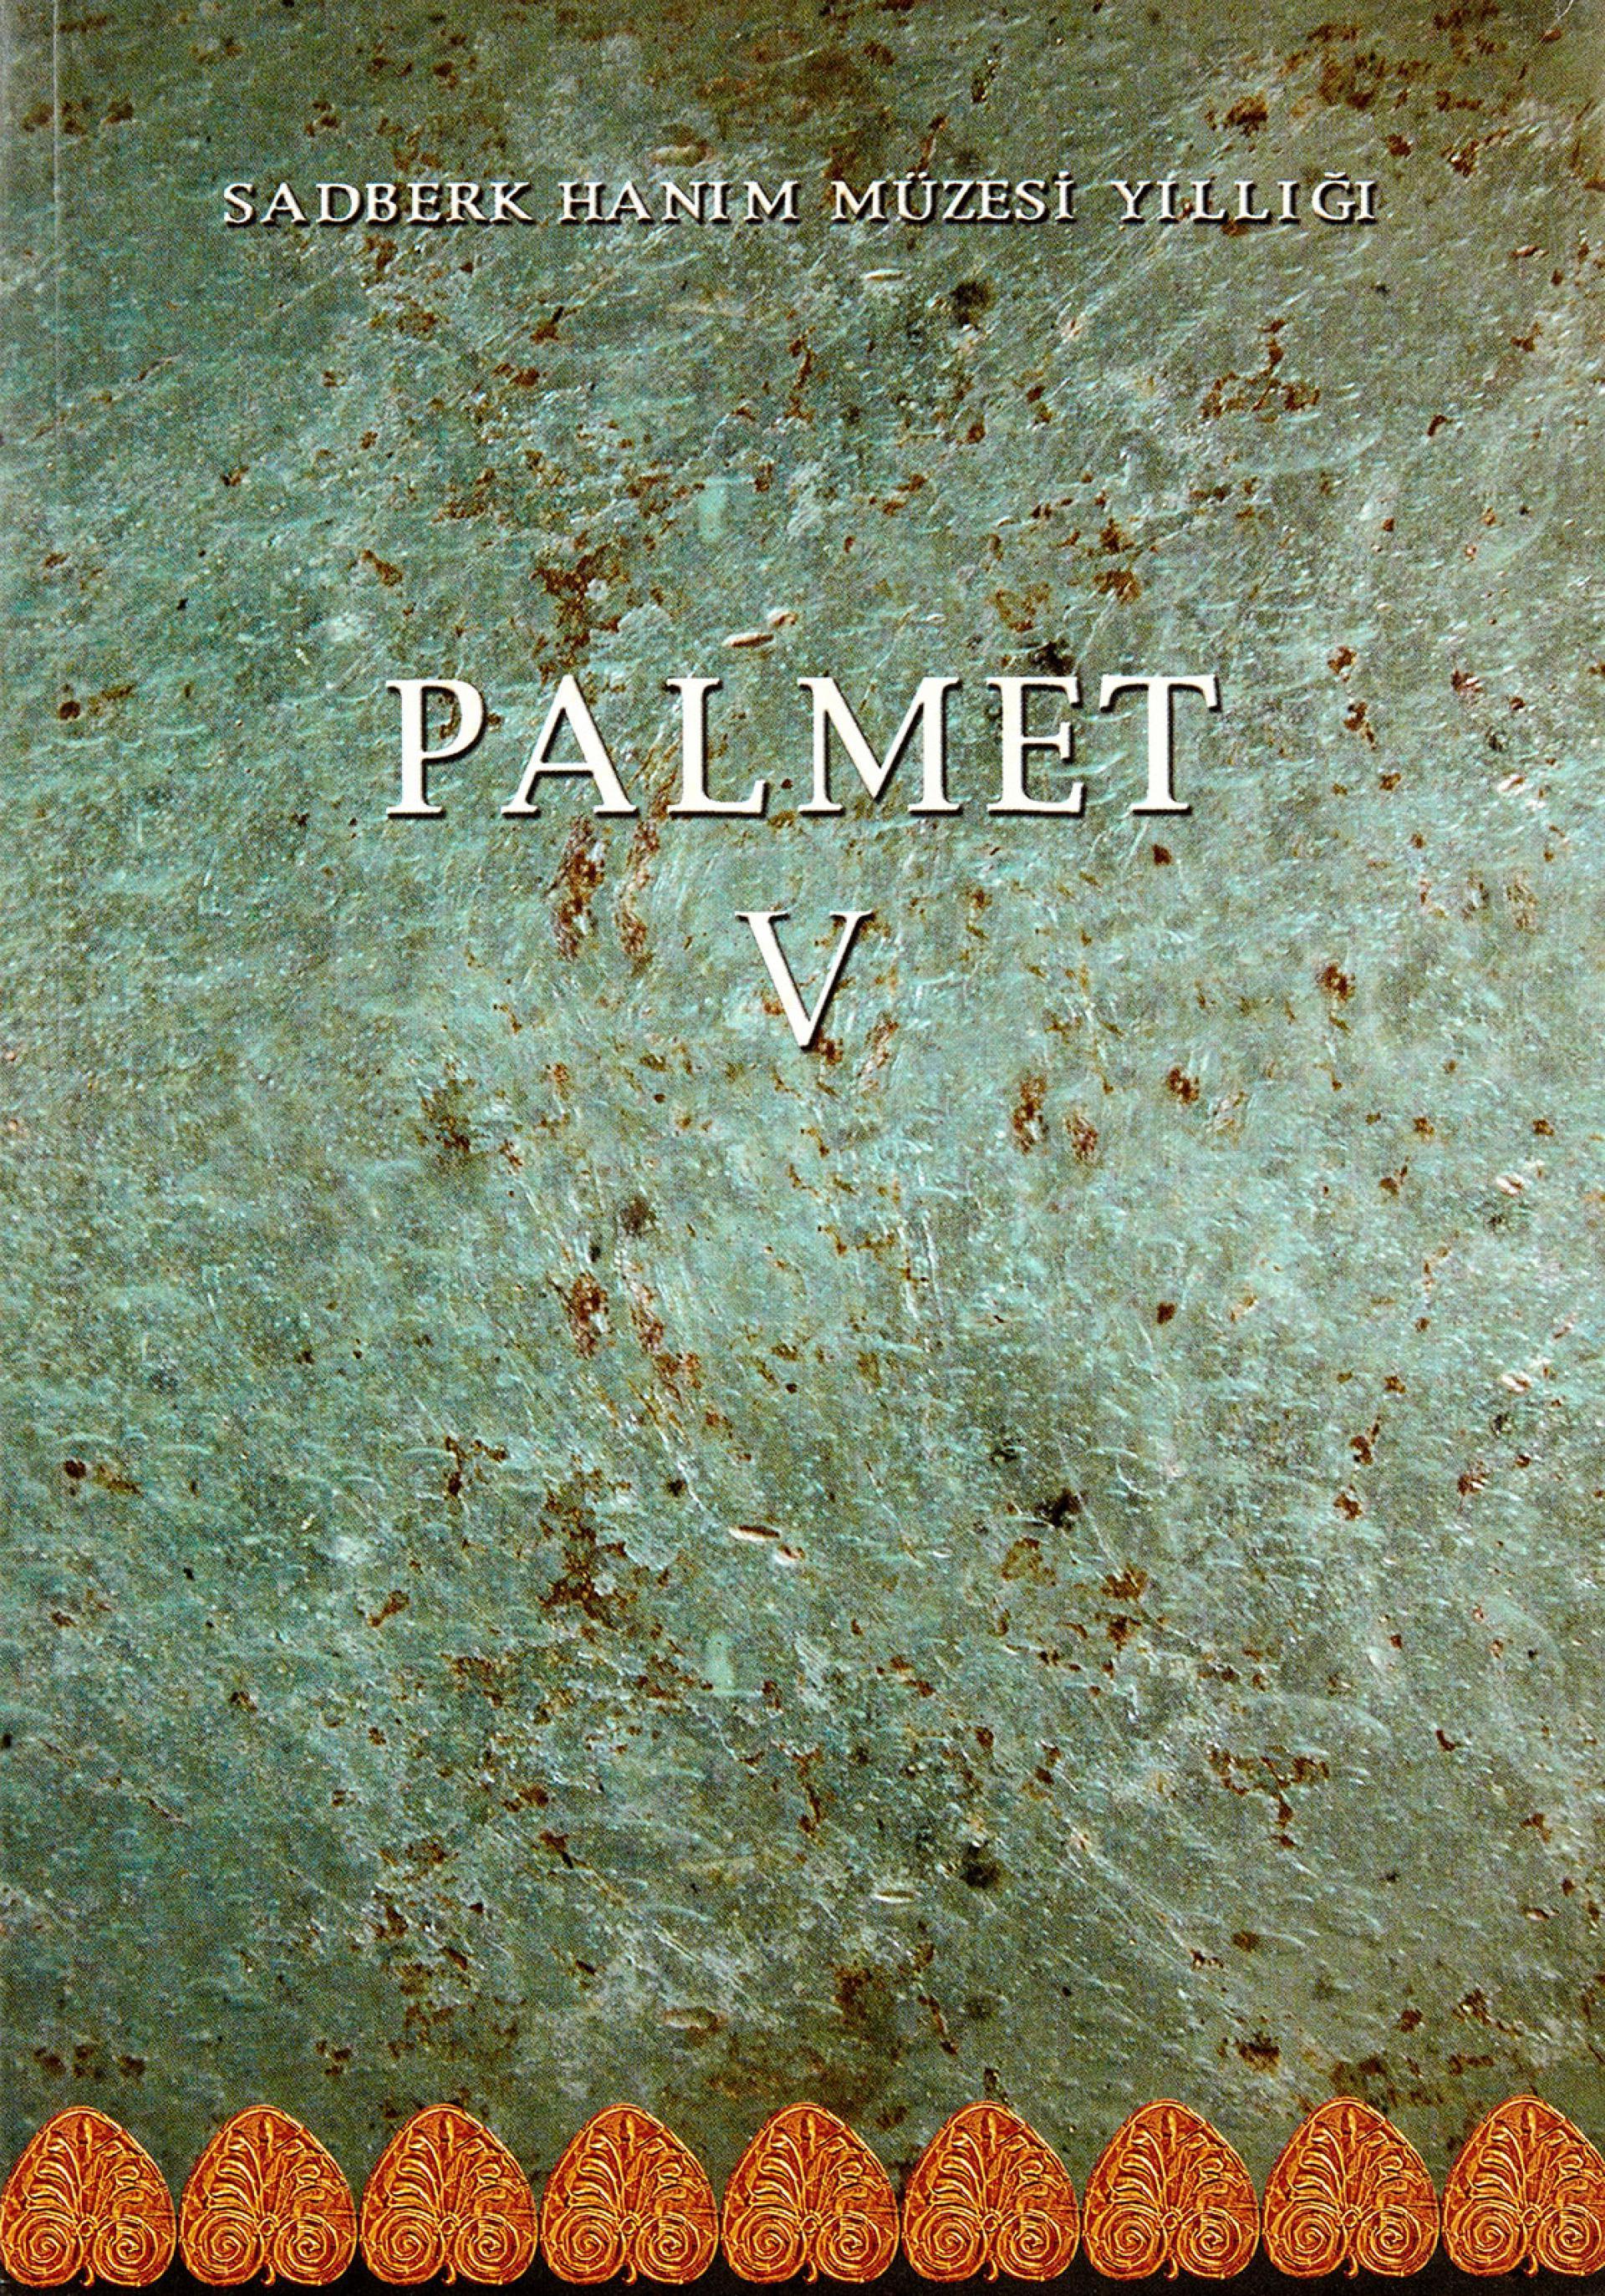 Palmet V - Sadberk Hanım Müzesi Yıllığı - KİTAPLAR - Sadberk Hanım Müzesi